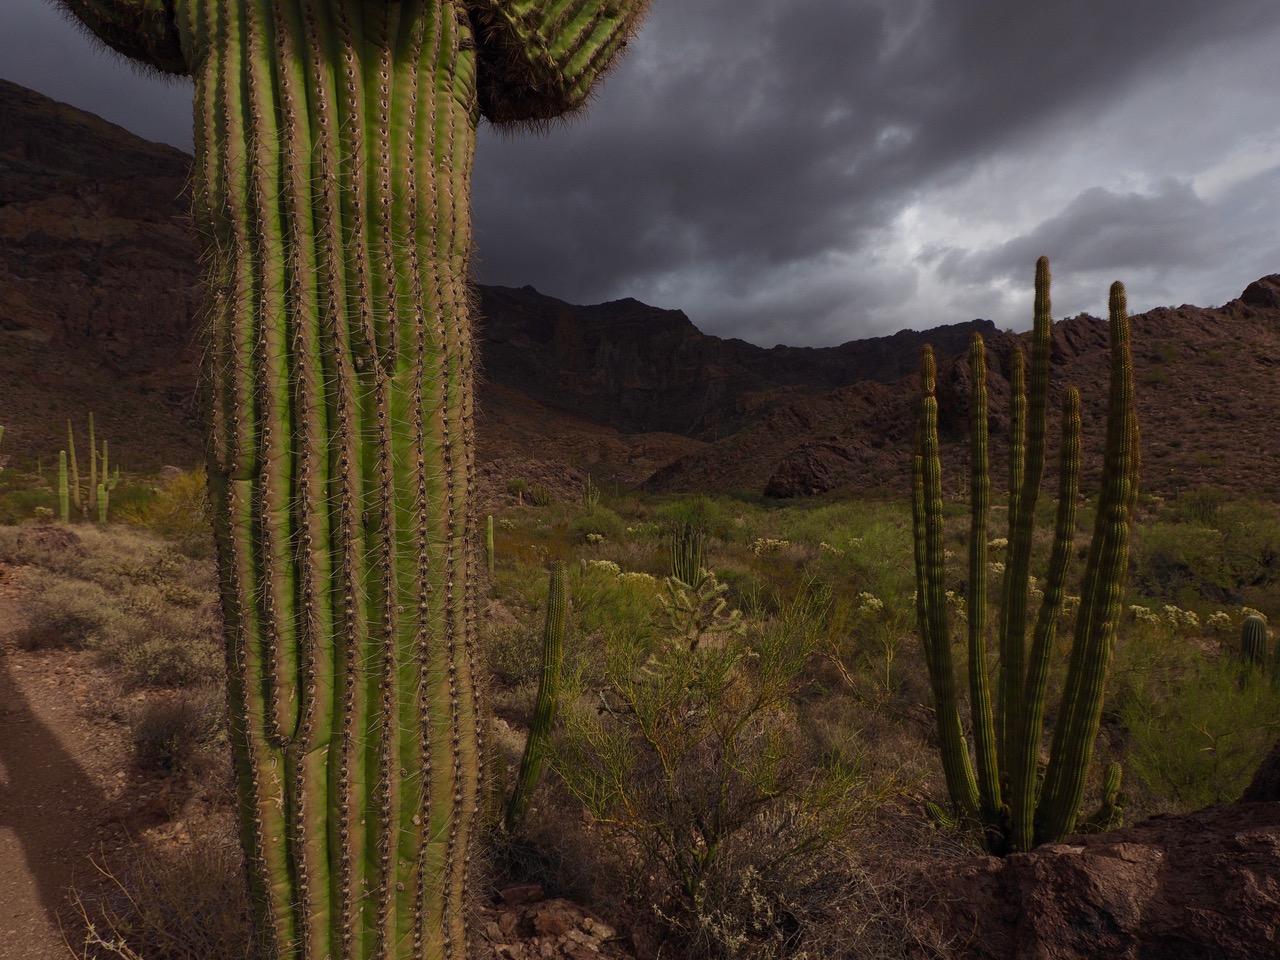 O37-dark clouds at Saguaros-P2196798.jpg